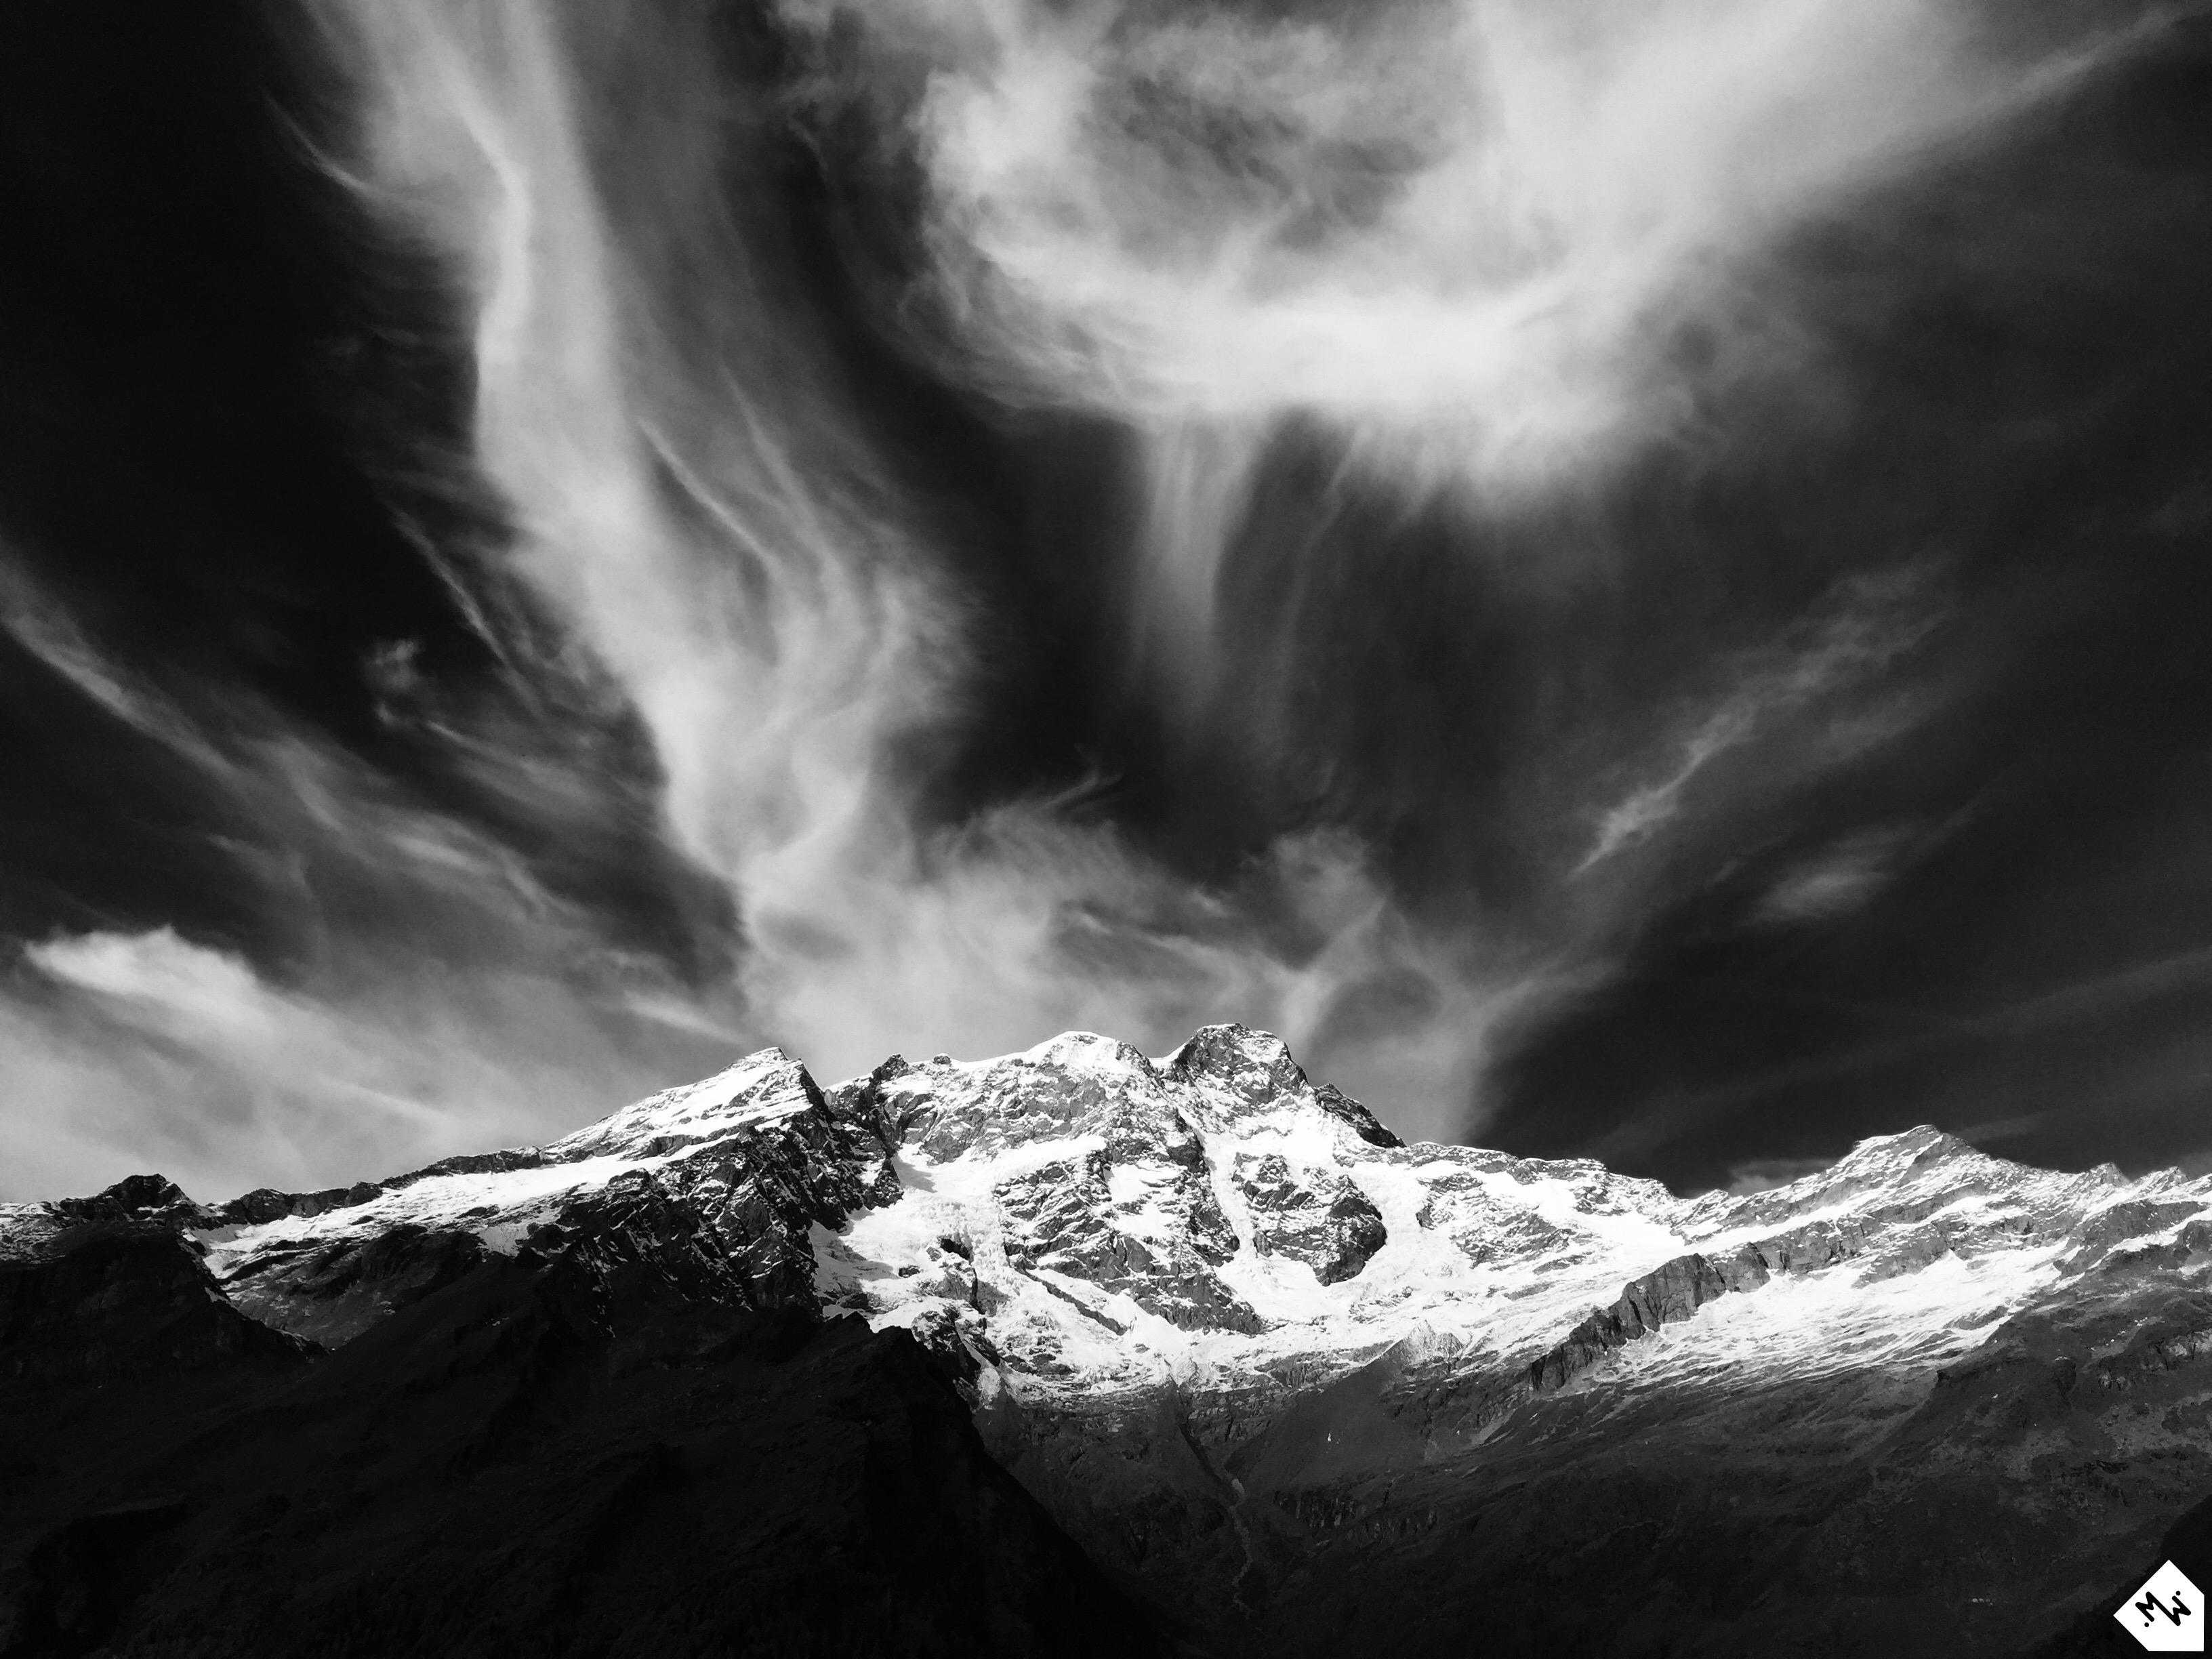 2016 Monte Rosa ©MatteoMigliorini